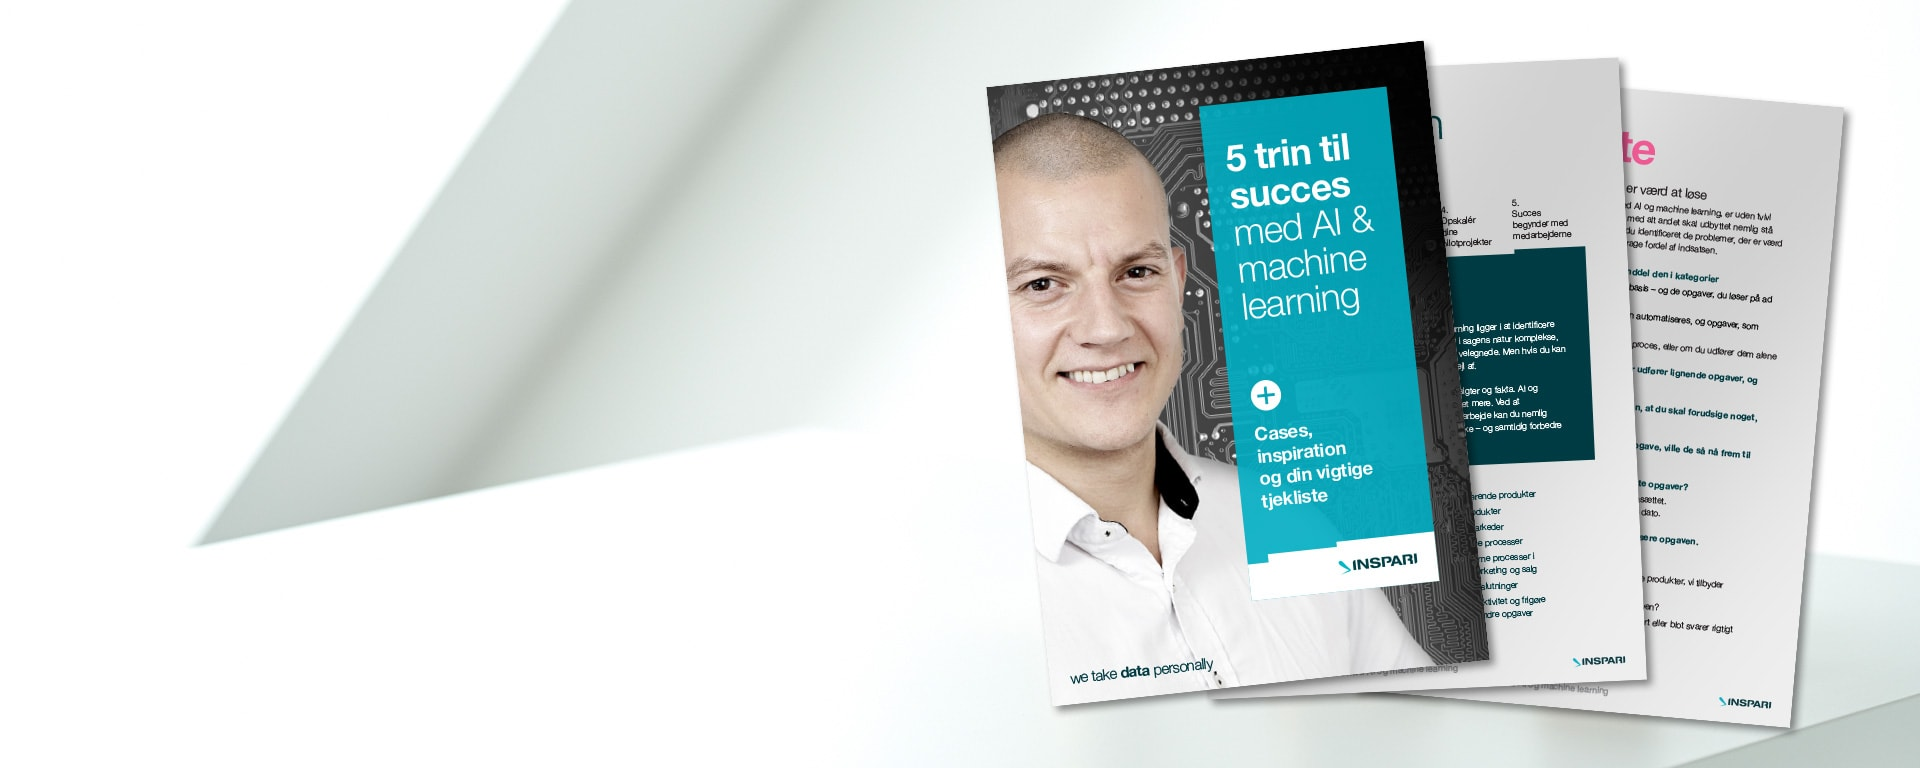 5-trin-til-succes-med-AI-og-machine-learning-DK_download.jpg